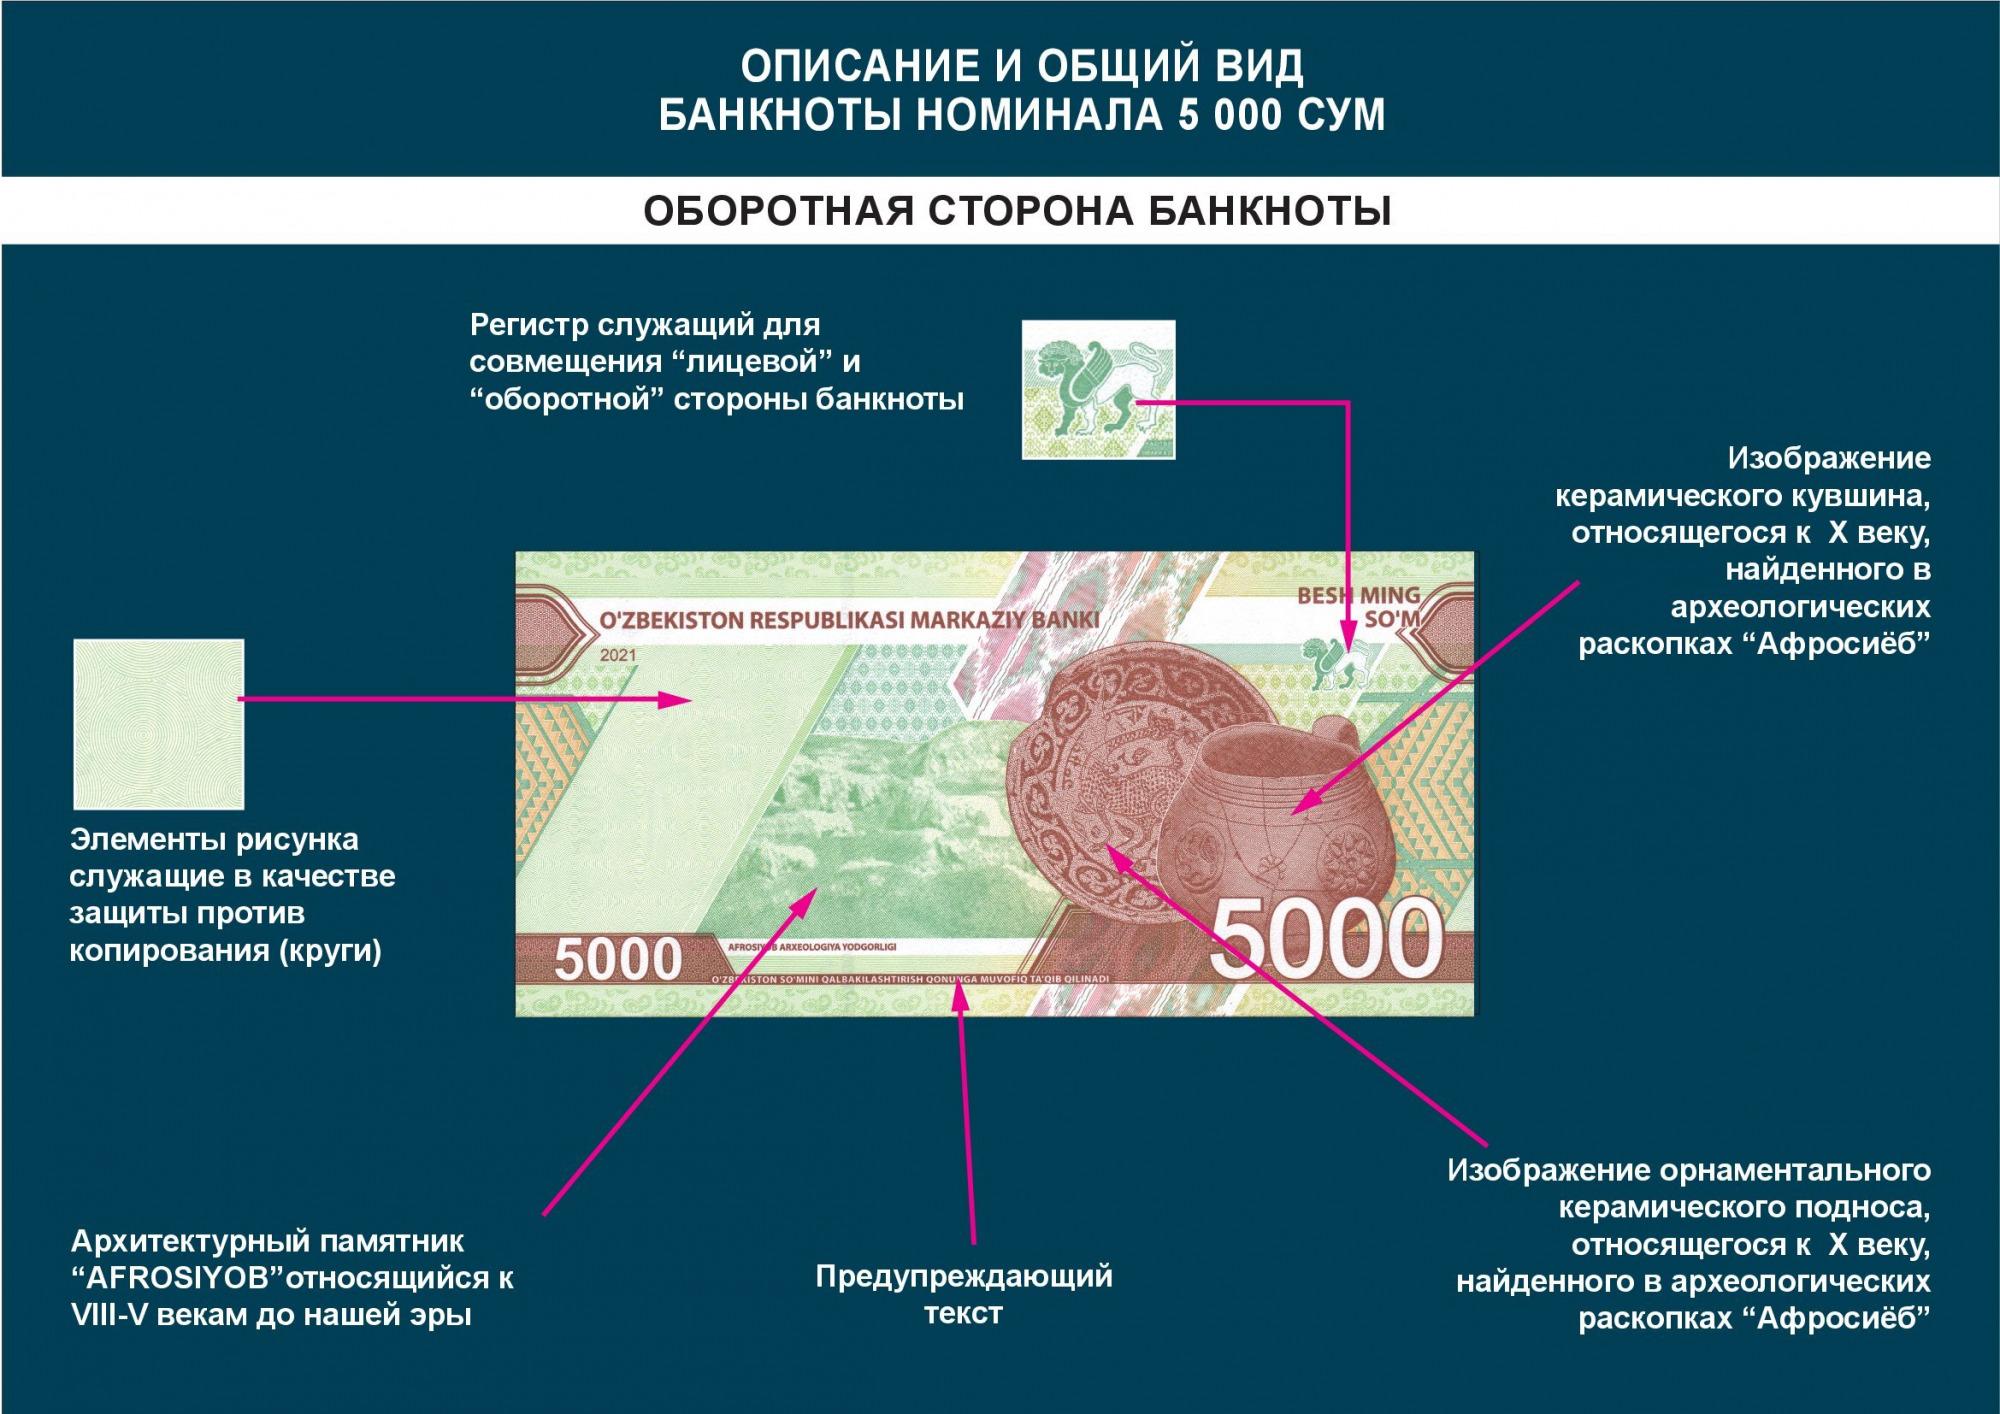 5000 back RU.jpg